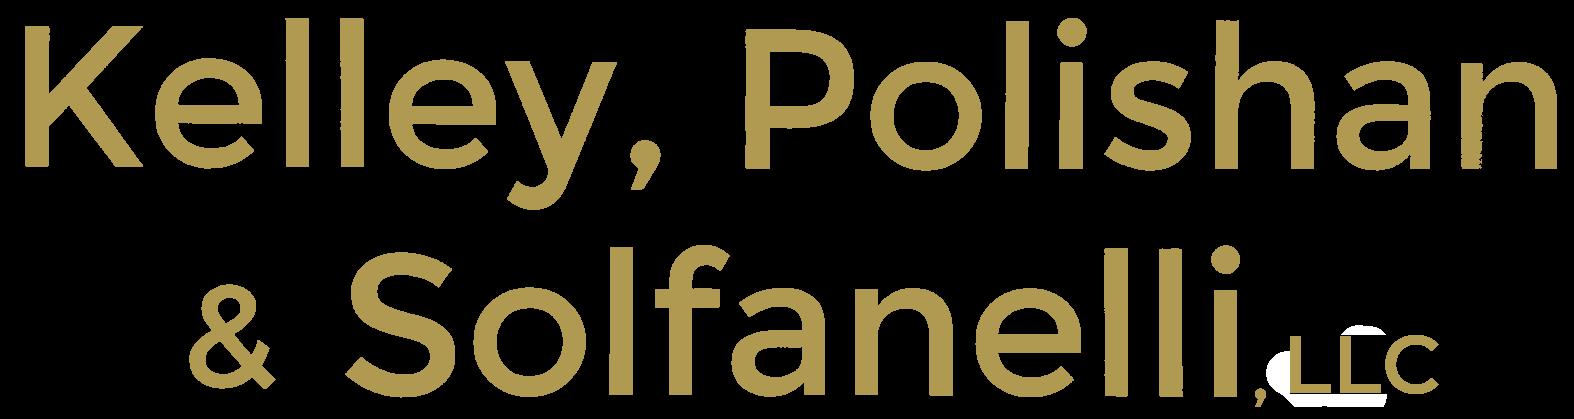 Kelley, Polishan & Solfanelli, LLC